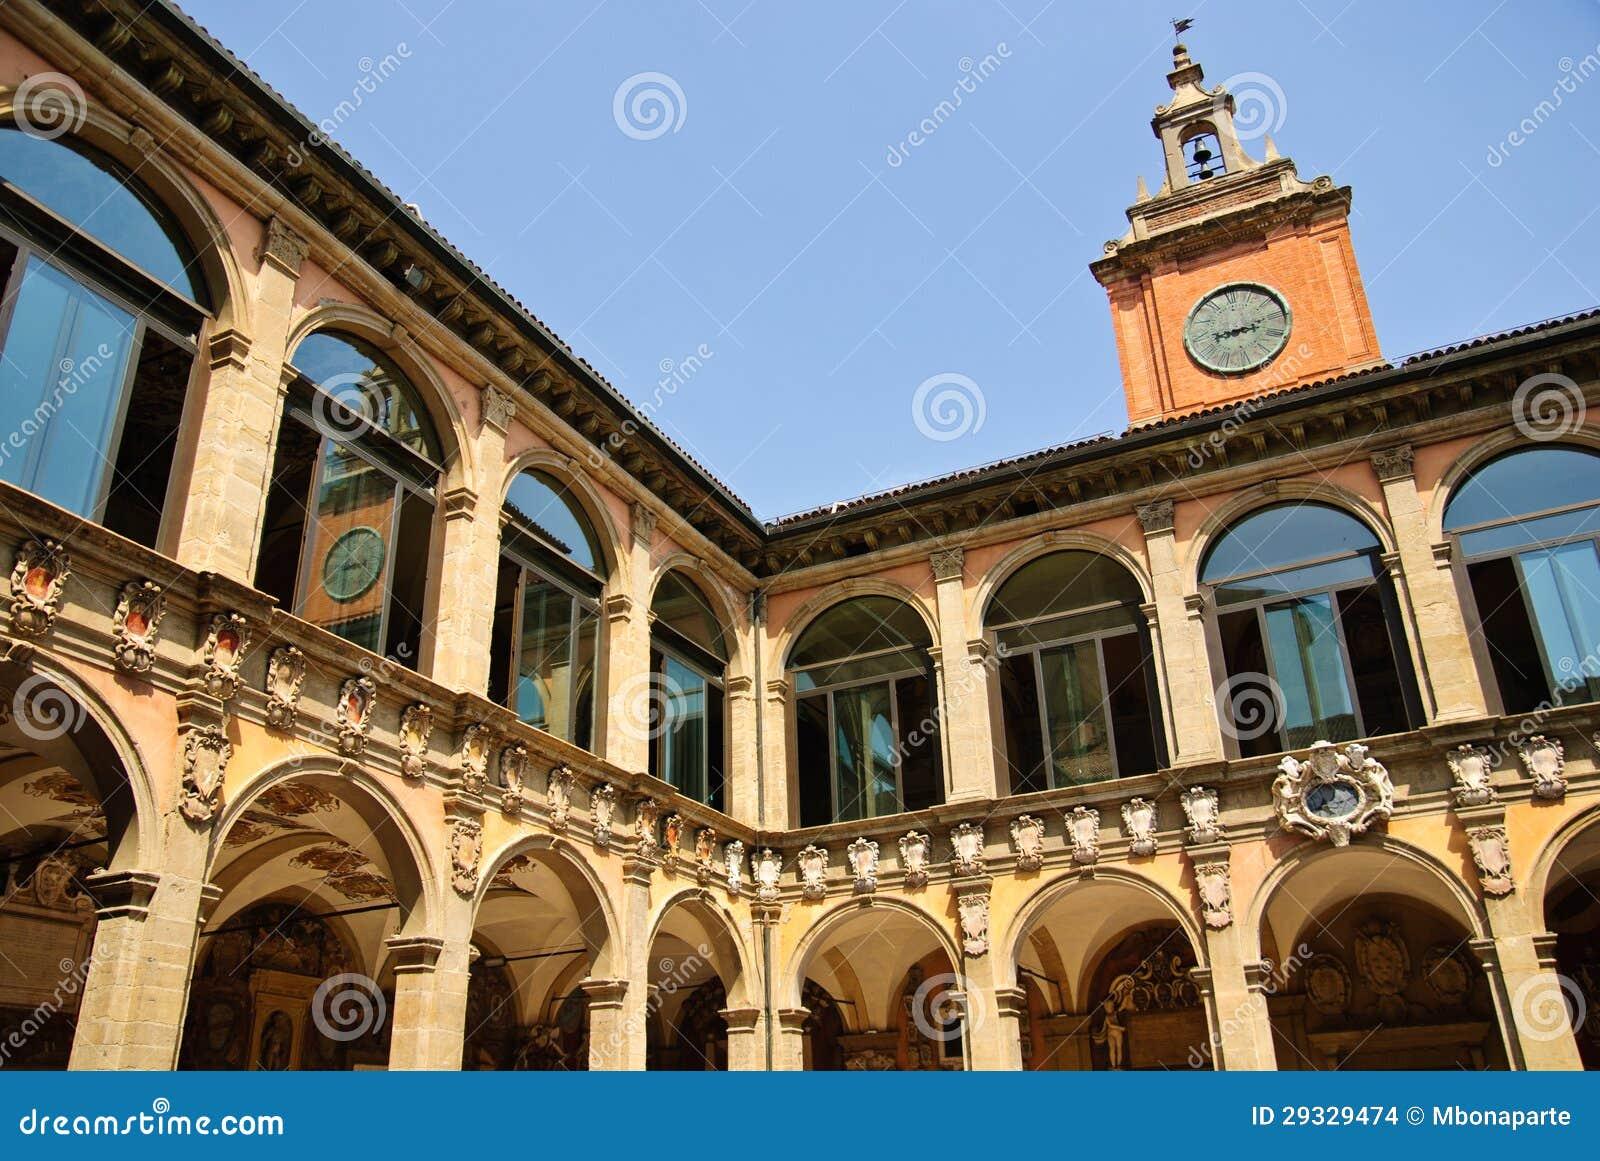 Antyczny uniwersytet Bologna - główny podwórze